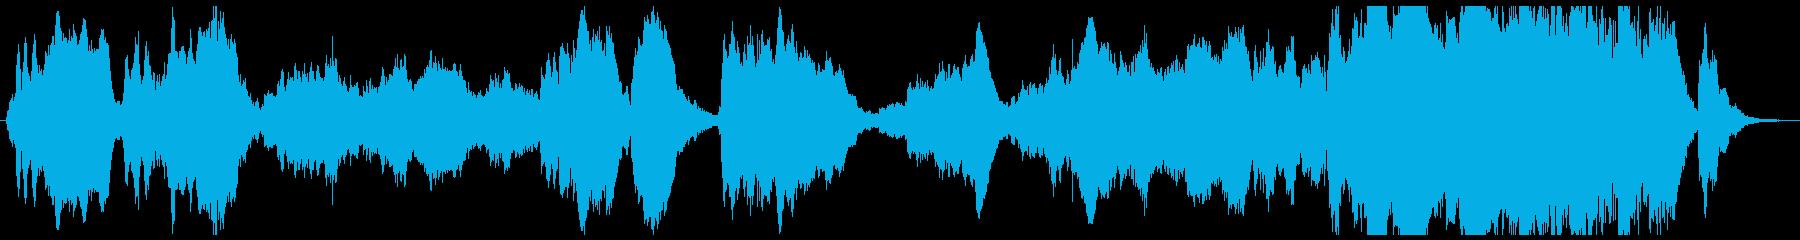 ベートーヴェン「運命」の再生済みの波形